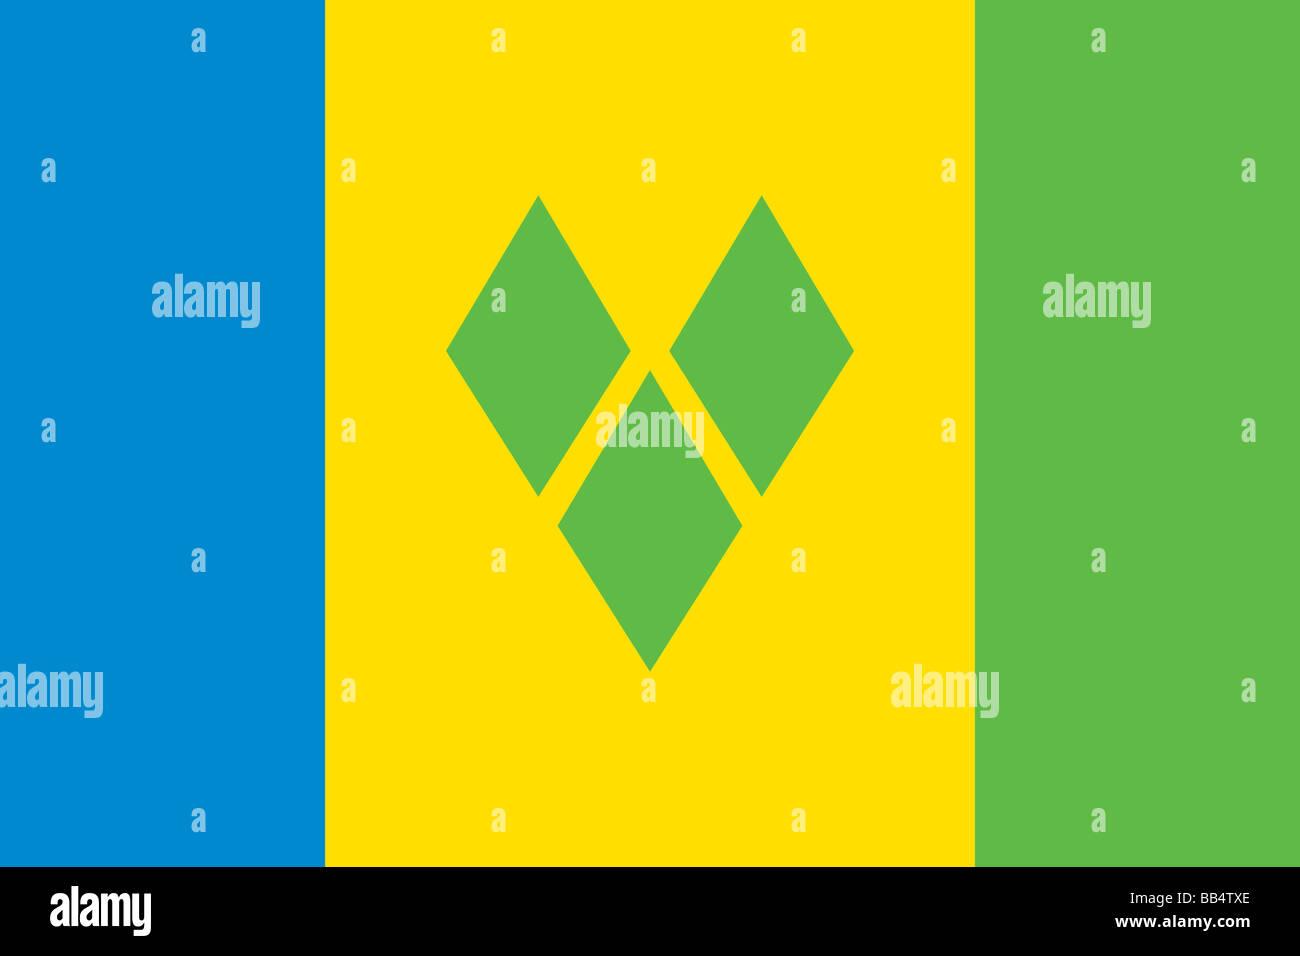 Flagge von St. Vincent und die Grenadinen Stockbild